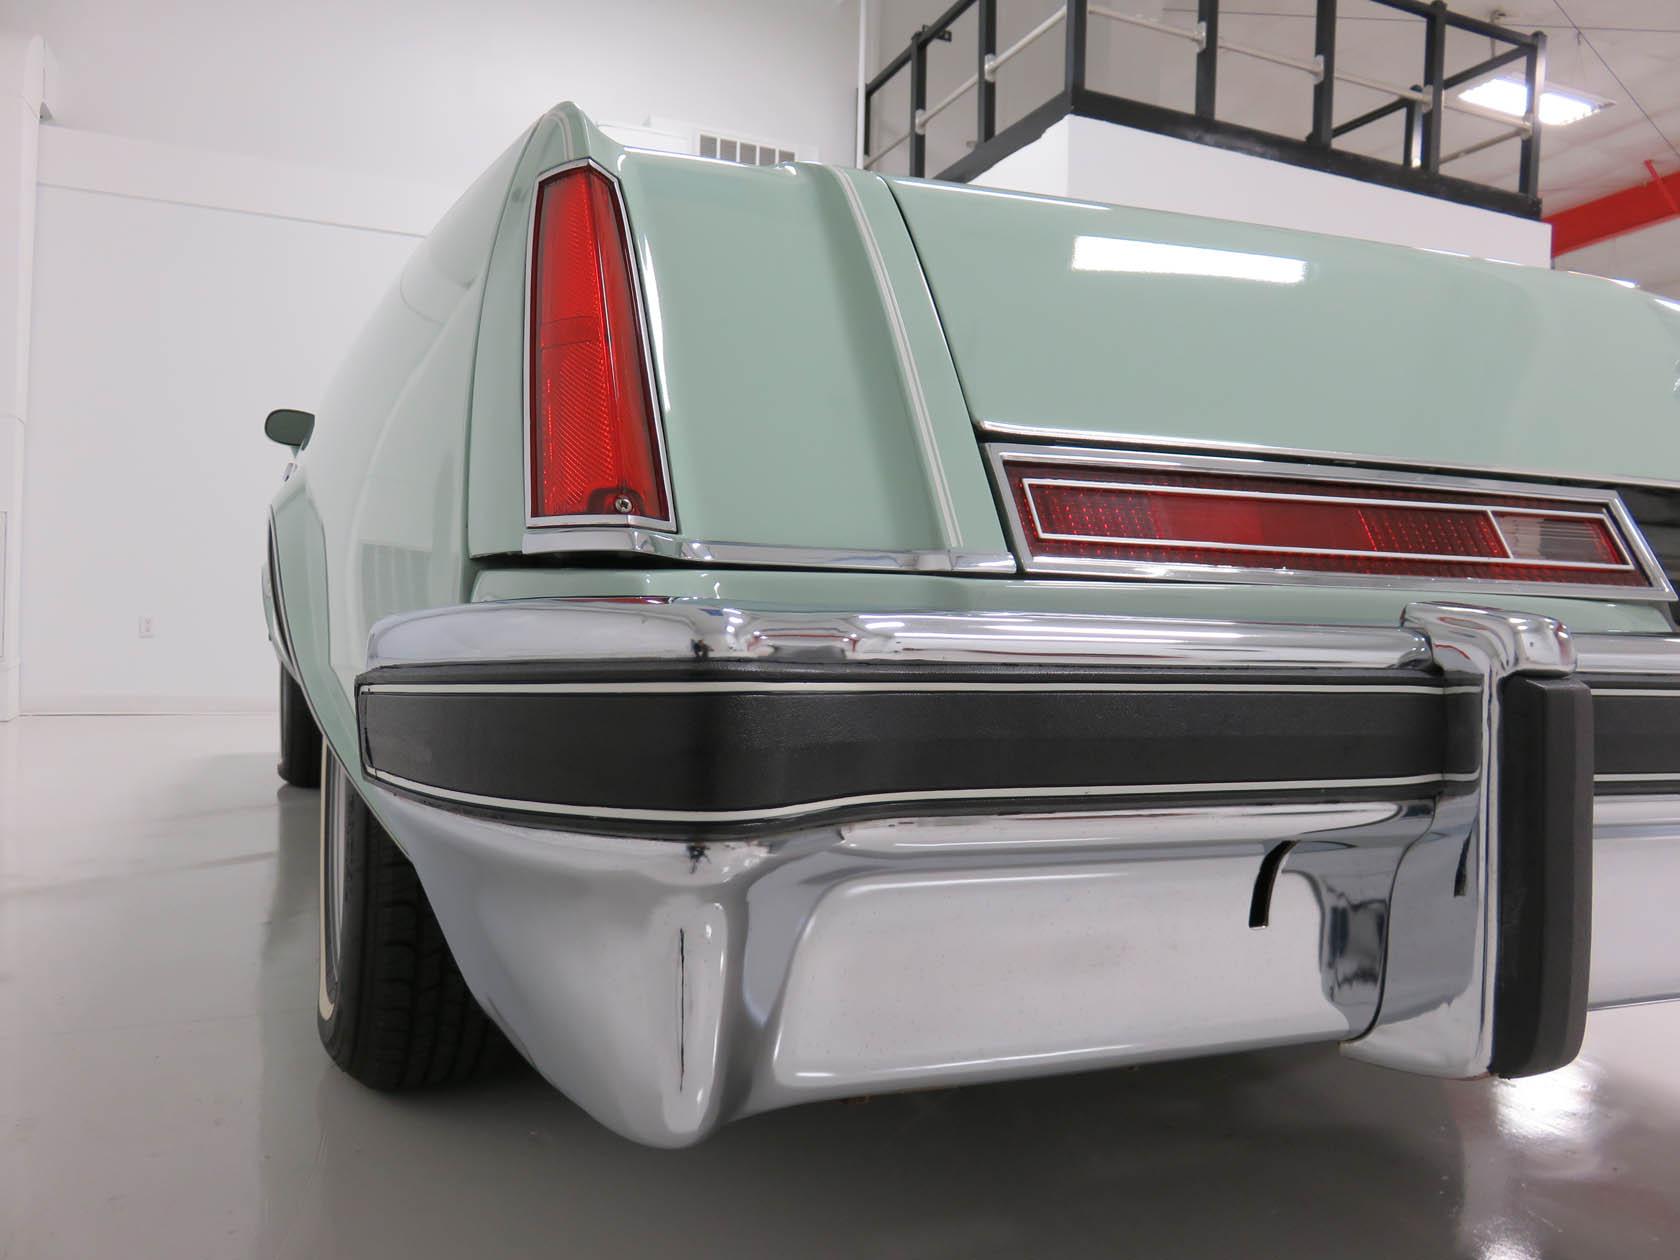 Michael Esposito - 1974 Oldsmobile Cutlasss Supreme 314